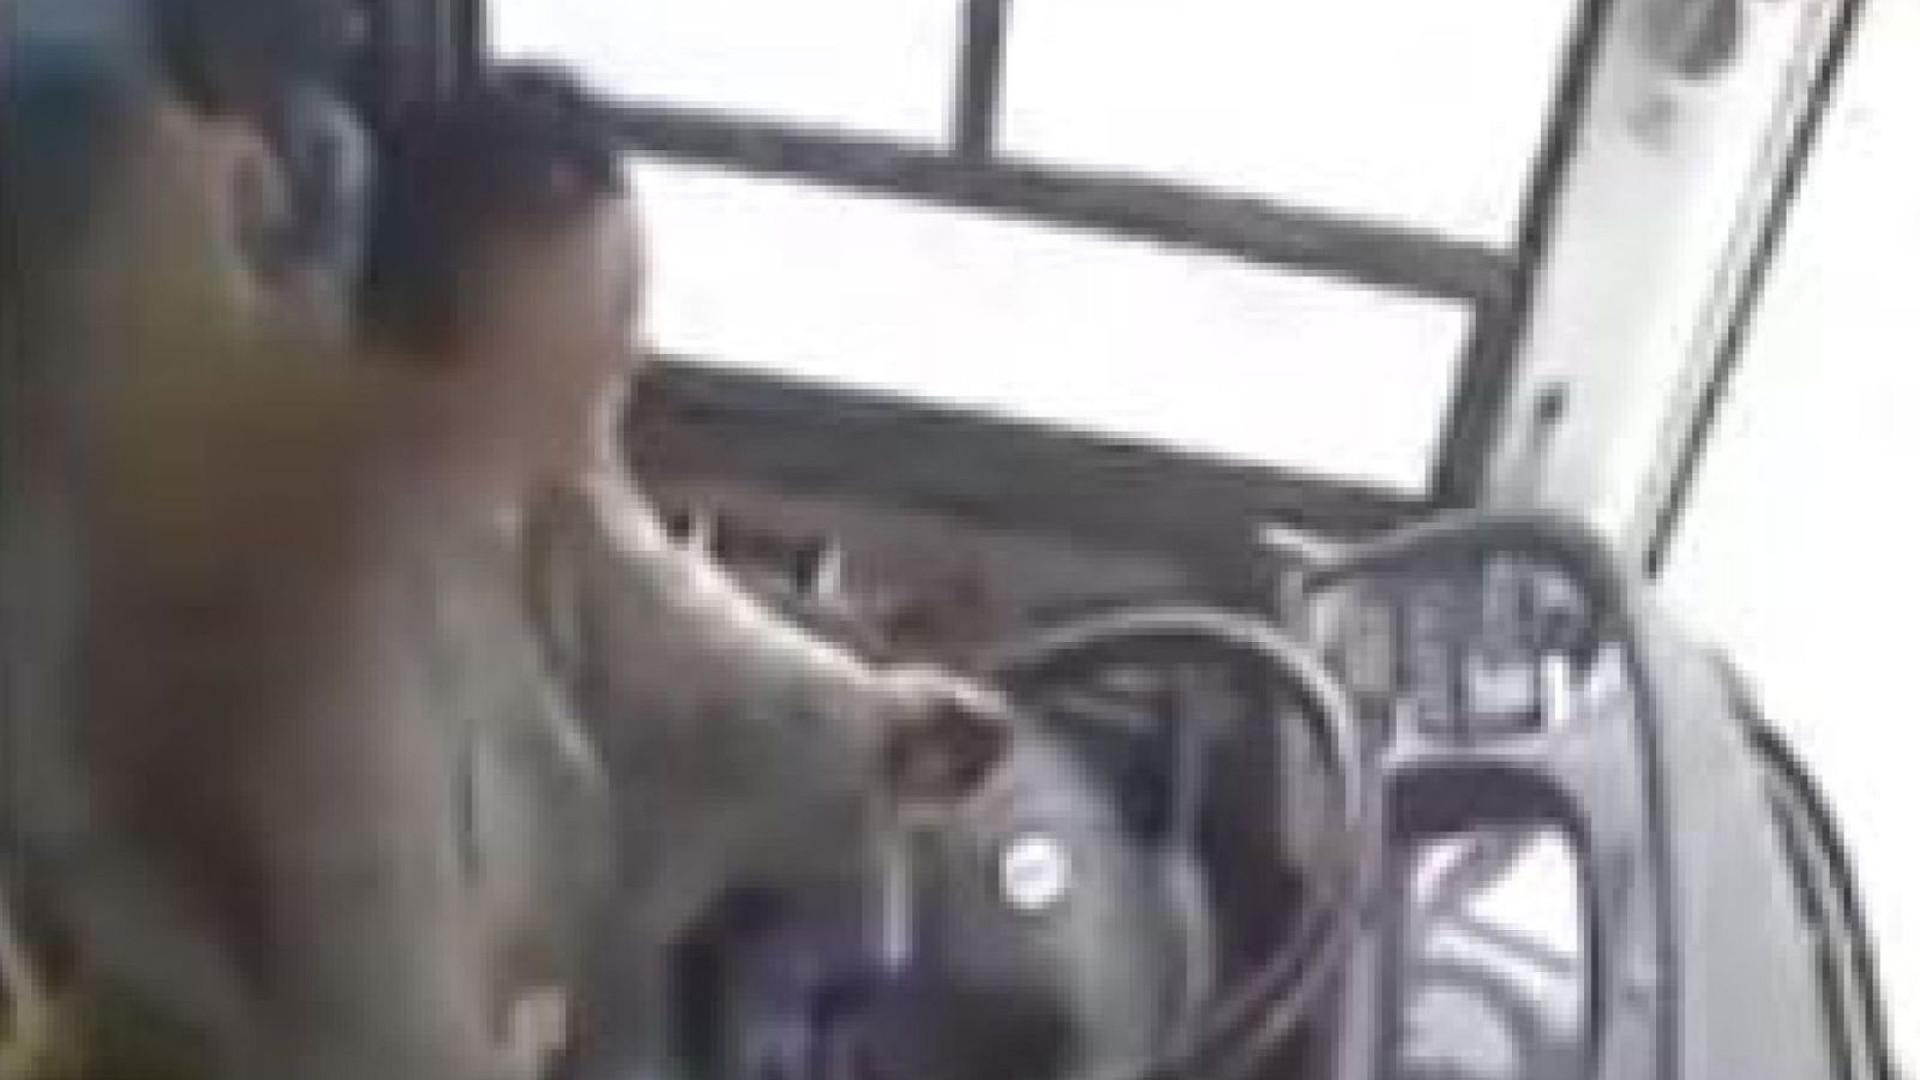 Luta em autocarro mata 15 pessoas na China